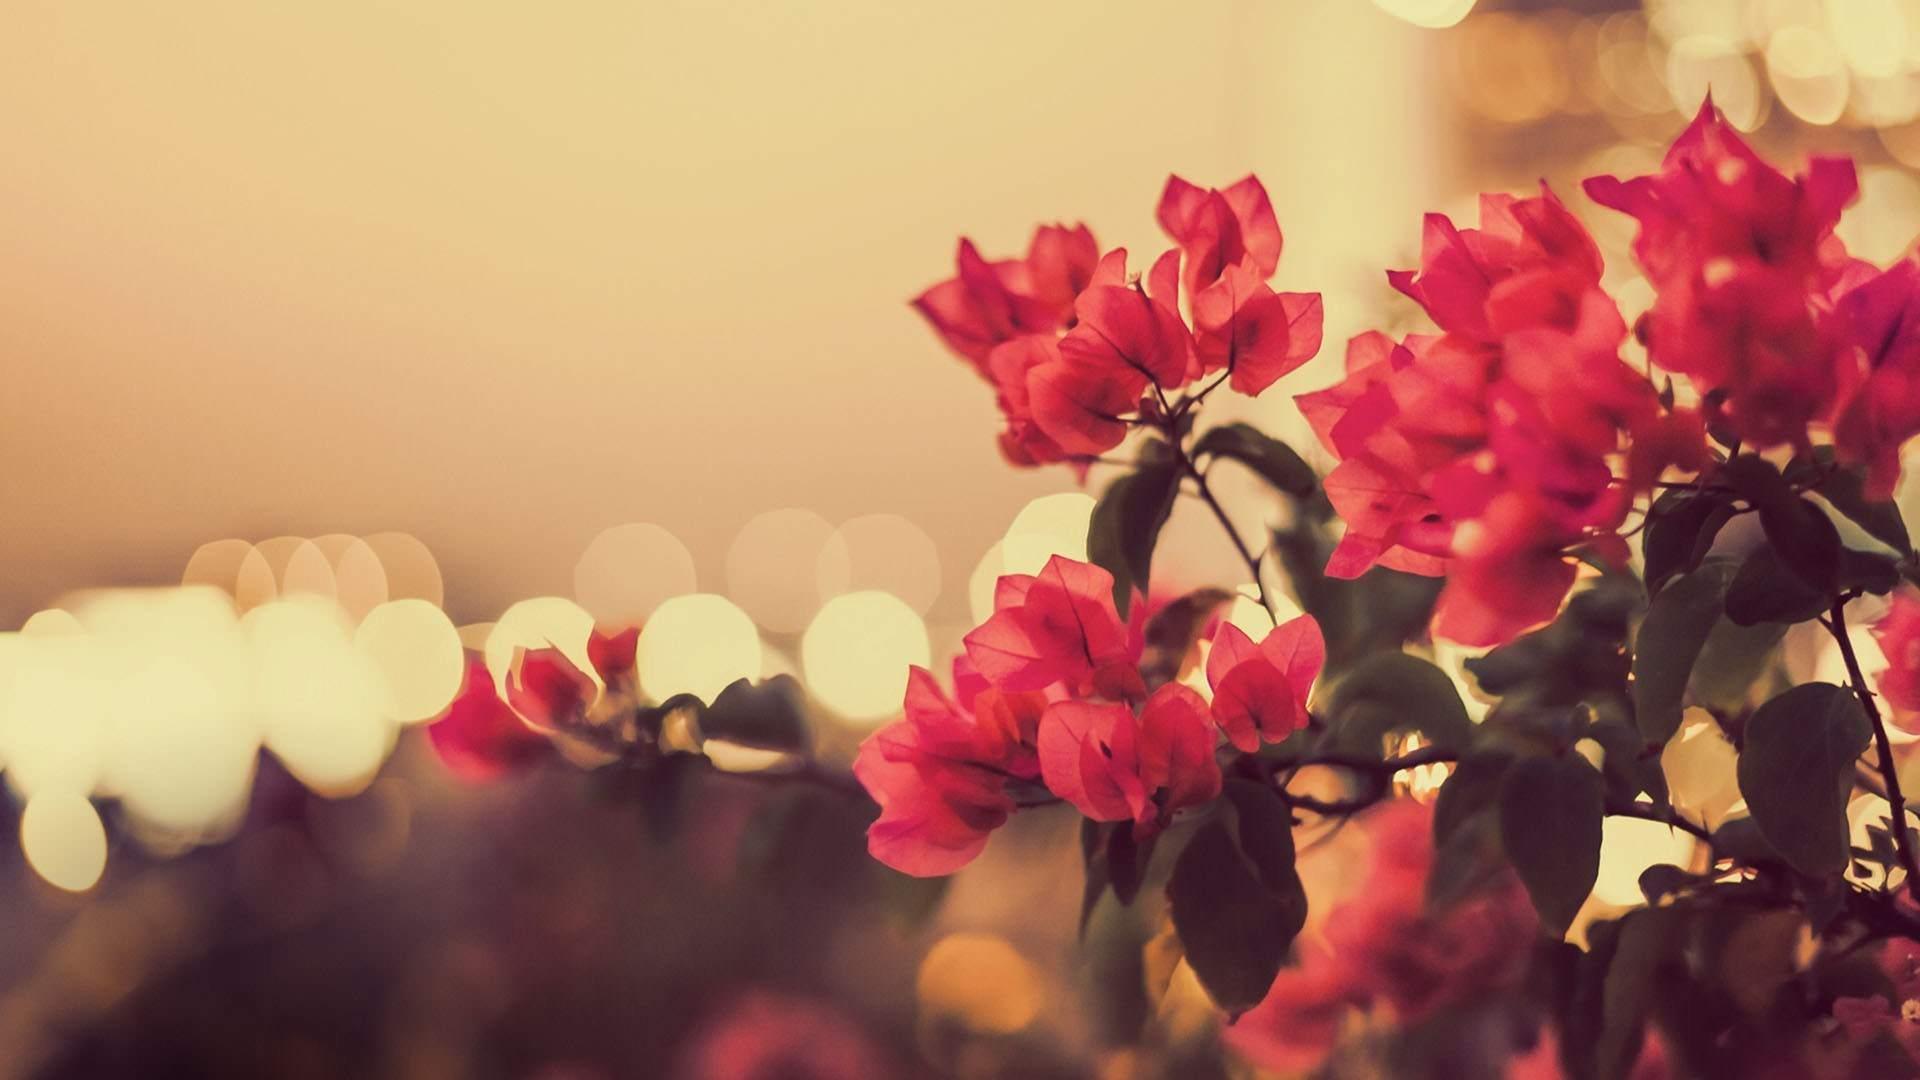 Vintage Flower Photography Backgrounds Download HD Vintage Flower